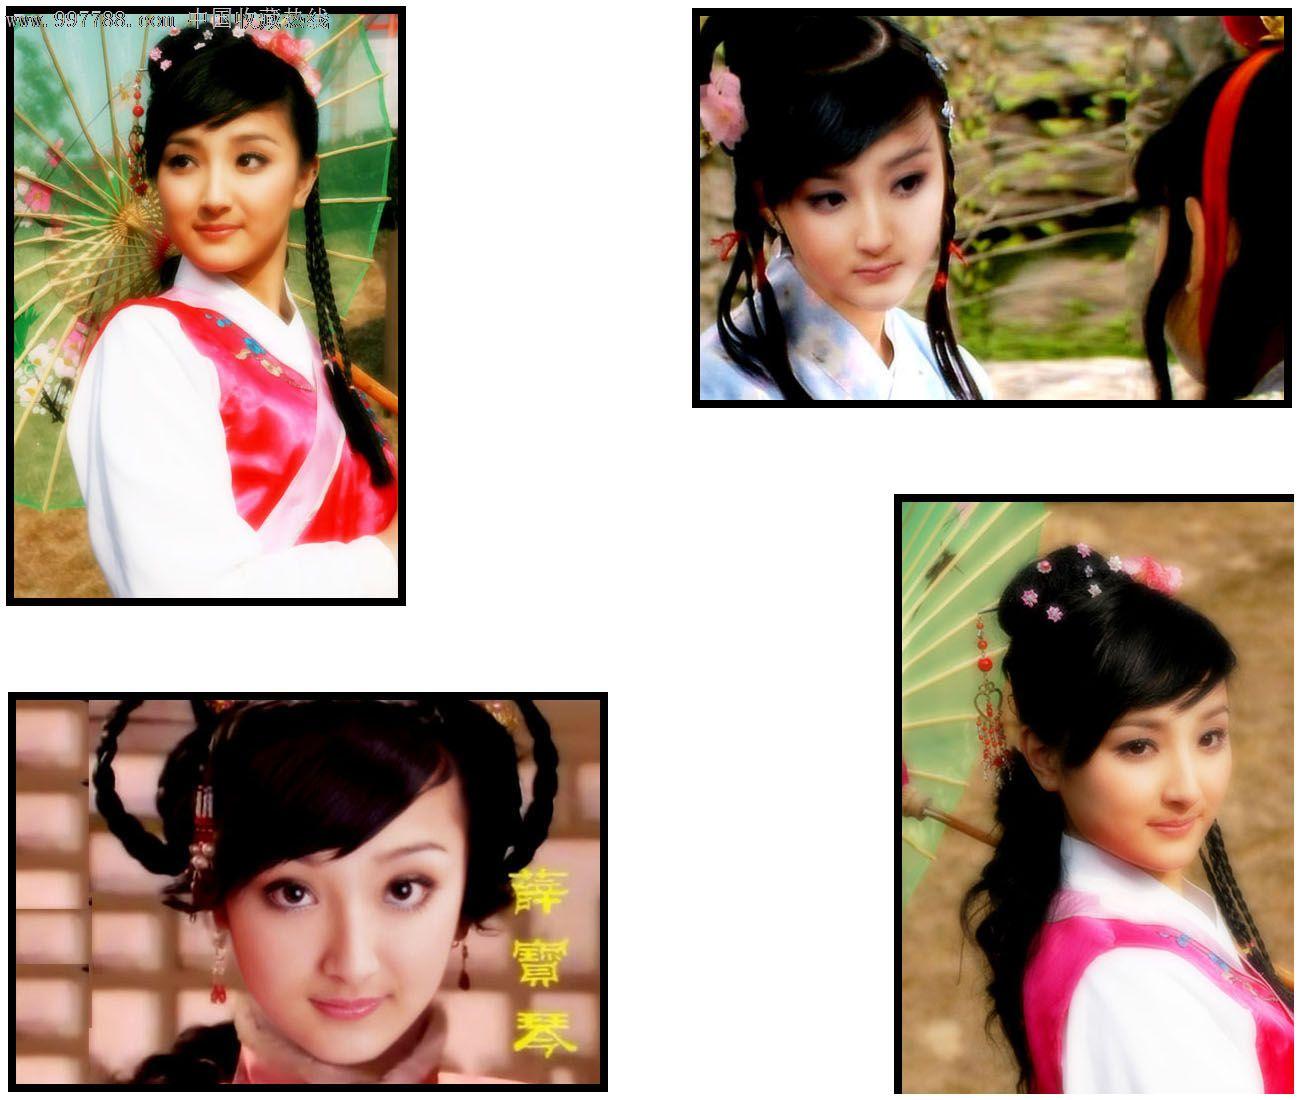 中国明星---殷叶子.彩色照片,全套80张.《红楼梦》里的薛宝琴图片